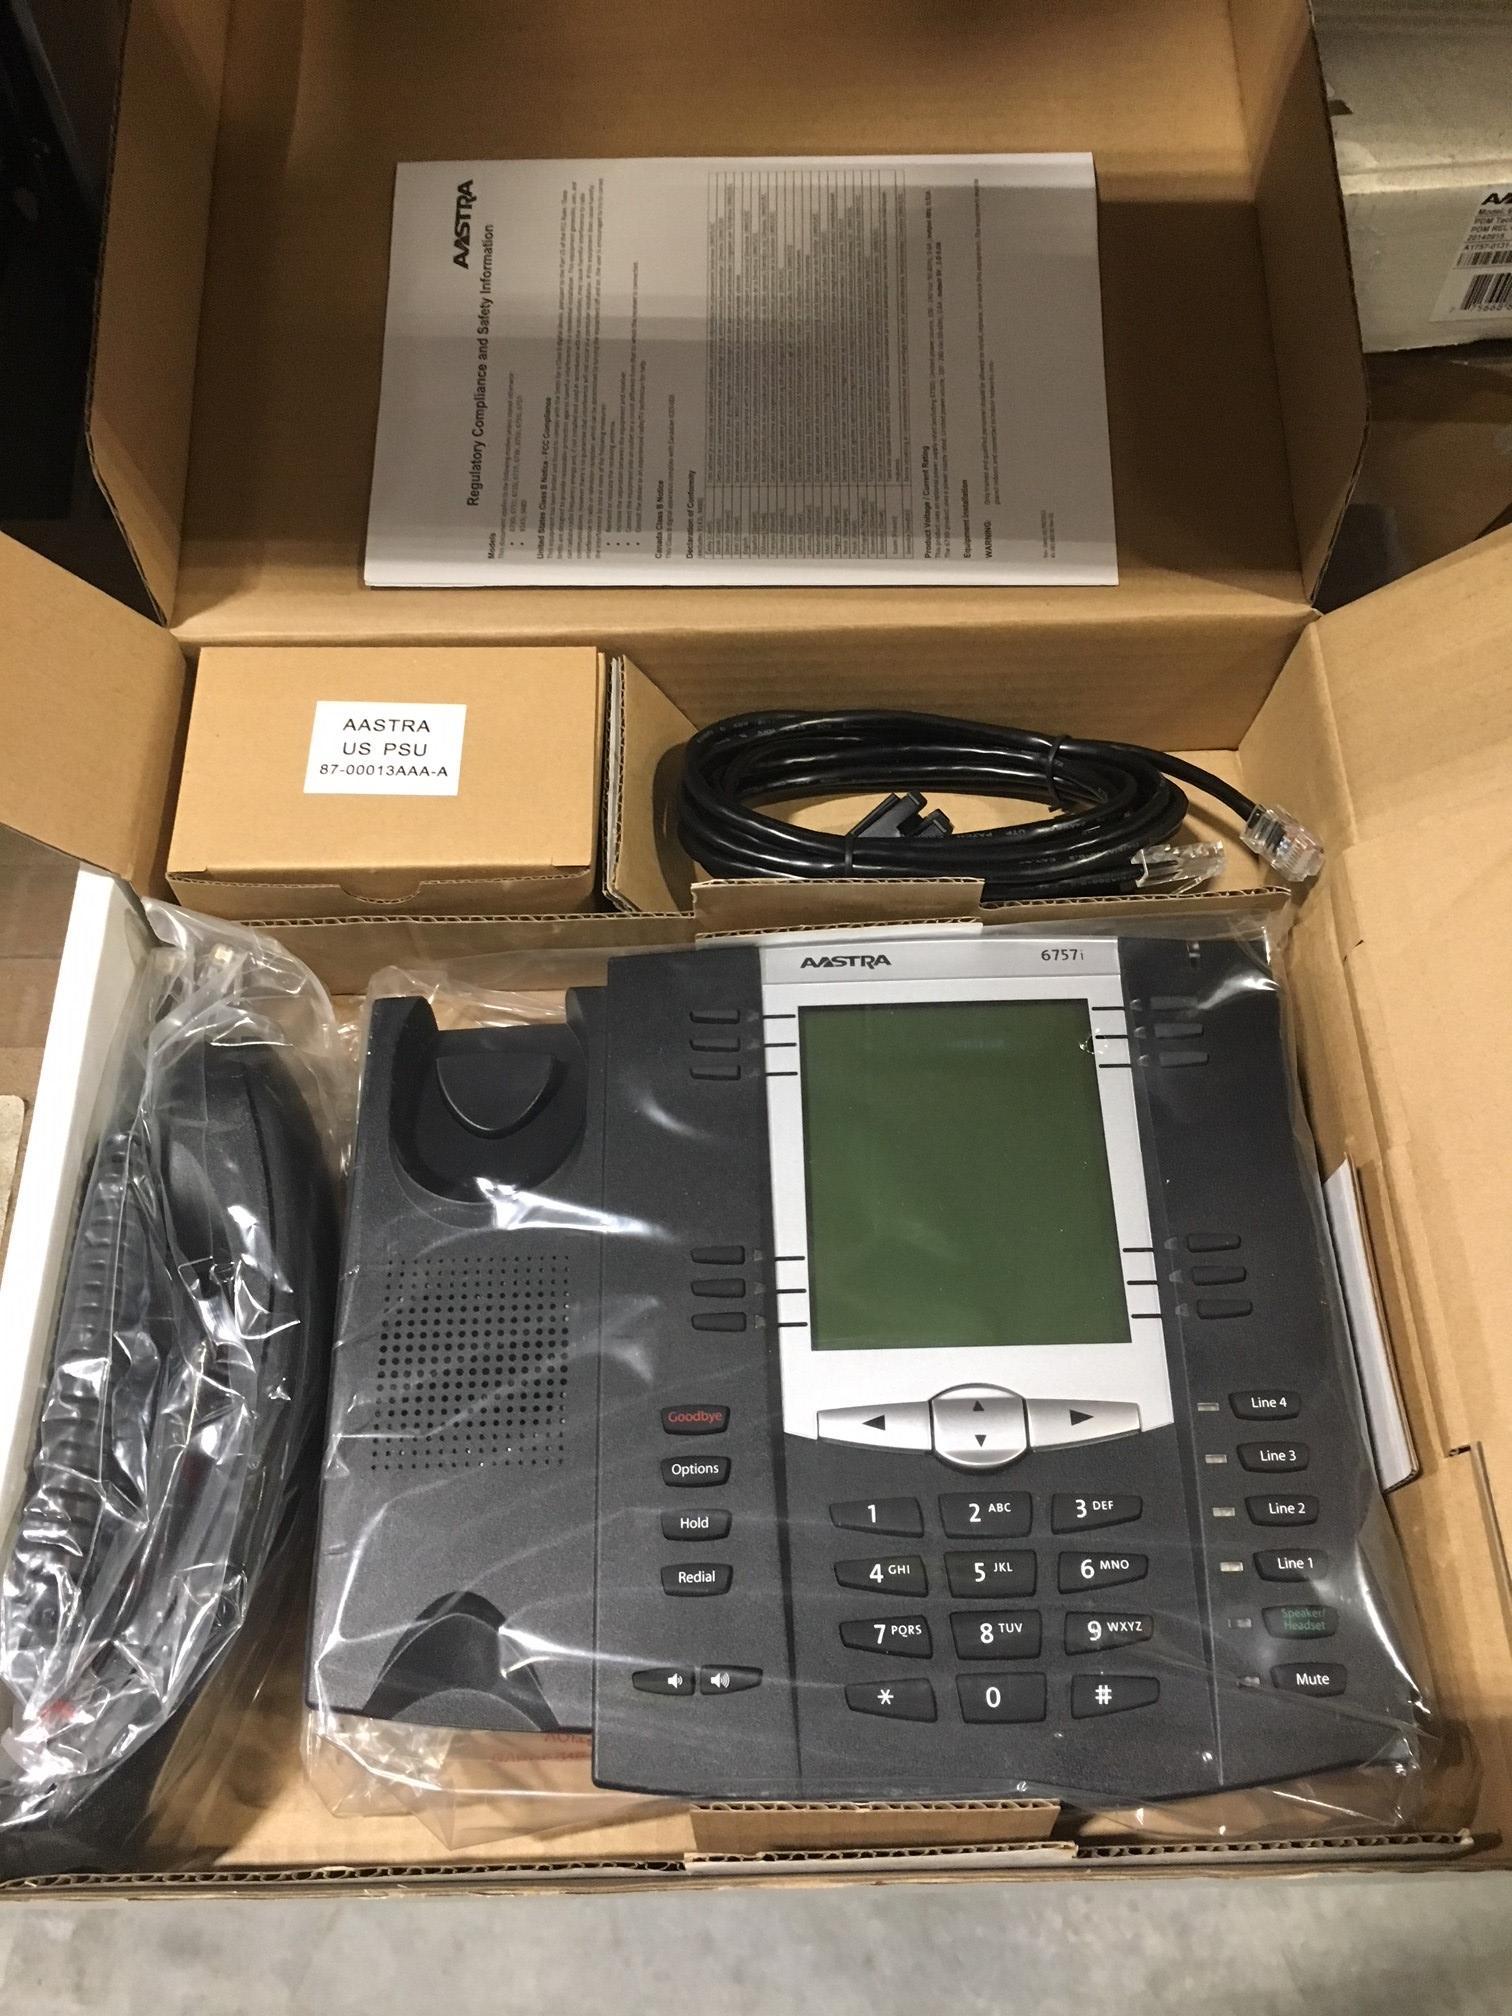 Phone VOIP Sip 6757i XML Browser Speakerphones (151 Units)